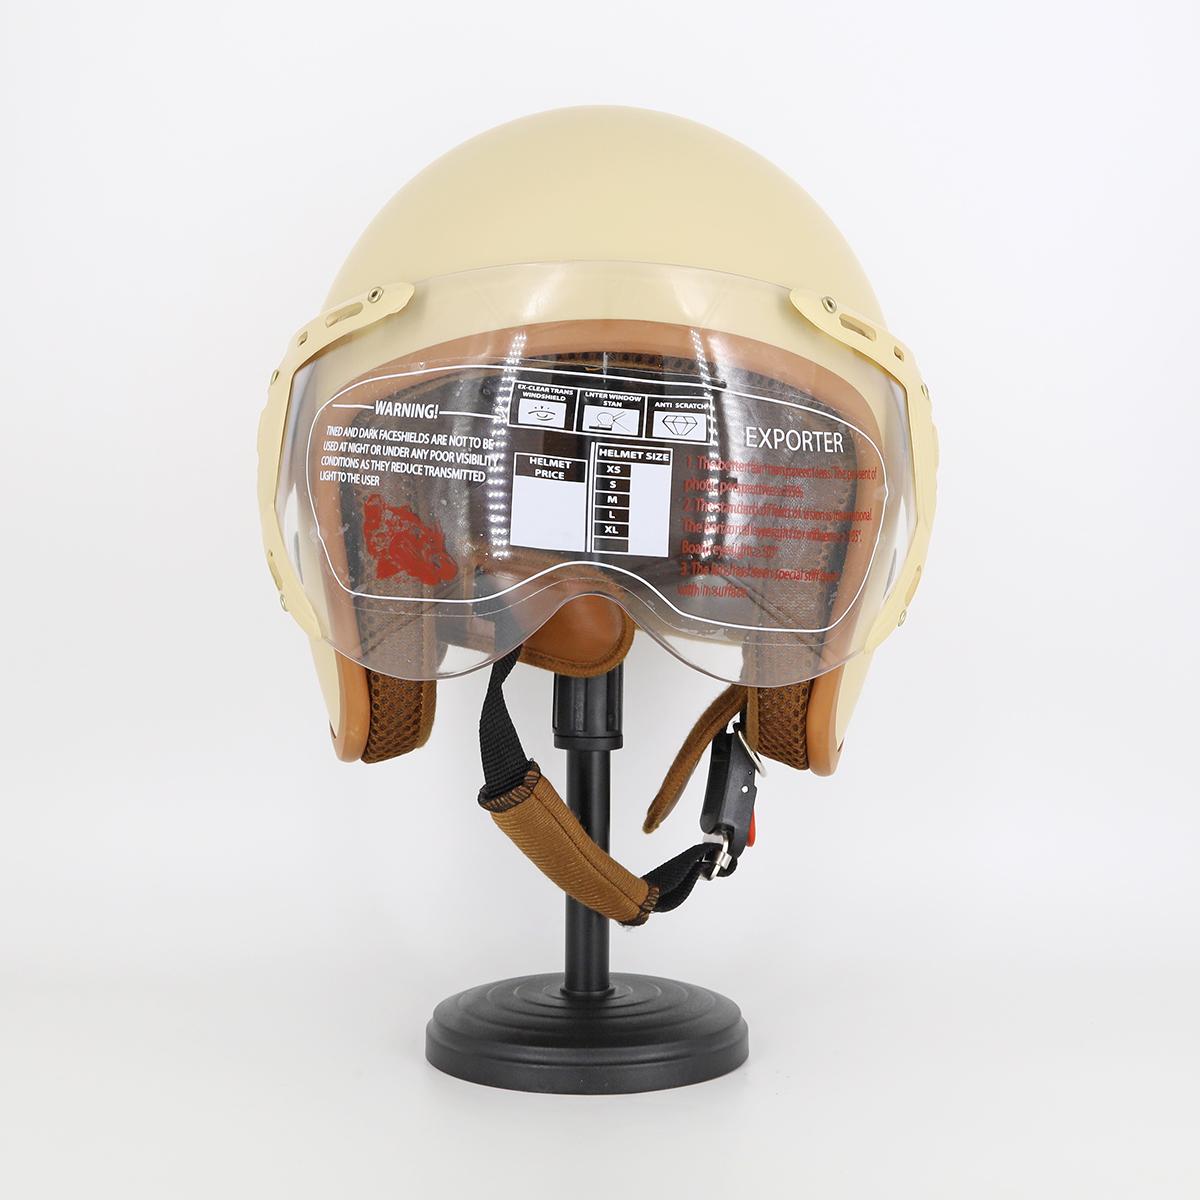 Mũ Bảo Hiểm Có Kính 3/4 Đầu 368k Lót Màu Cao Cấp – Màu Kem Lót Nâu Kính Trong _ Chống bụi, chống nắng đi được cả ban đêm